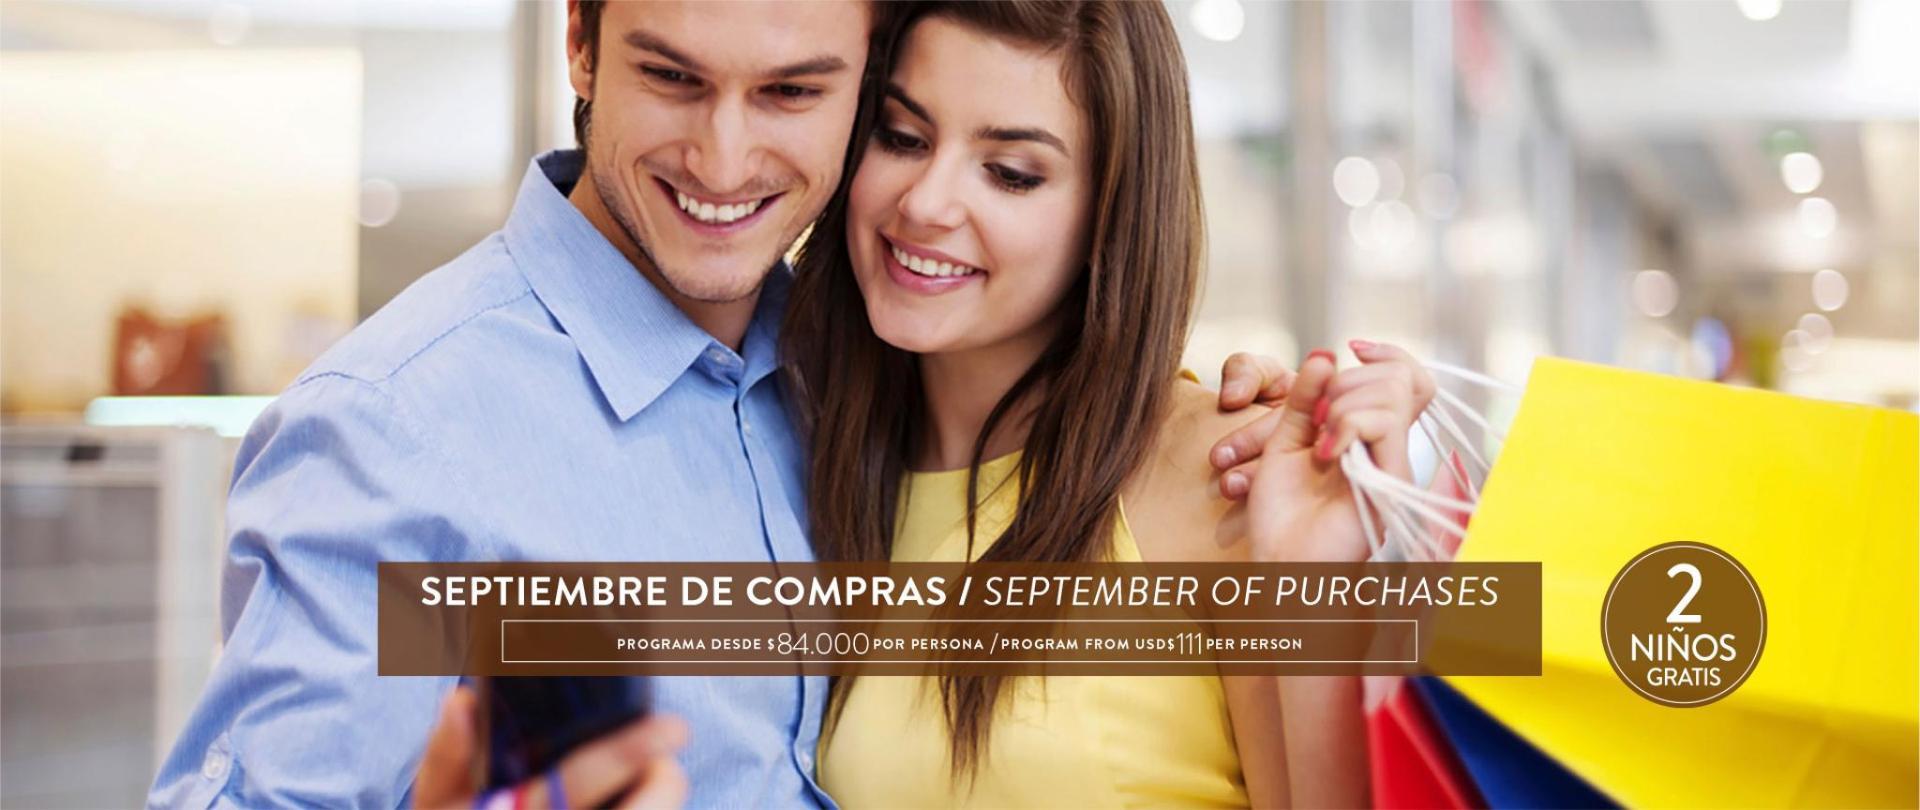 Septiembre de Compras 2018 Banner (2).jpg